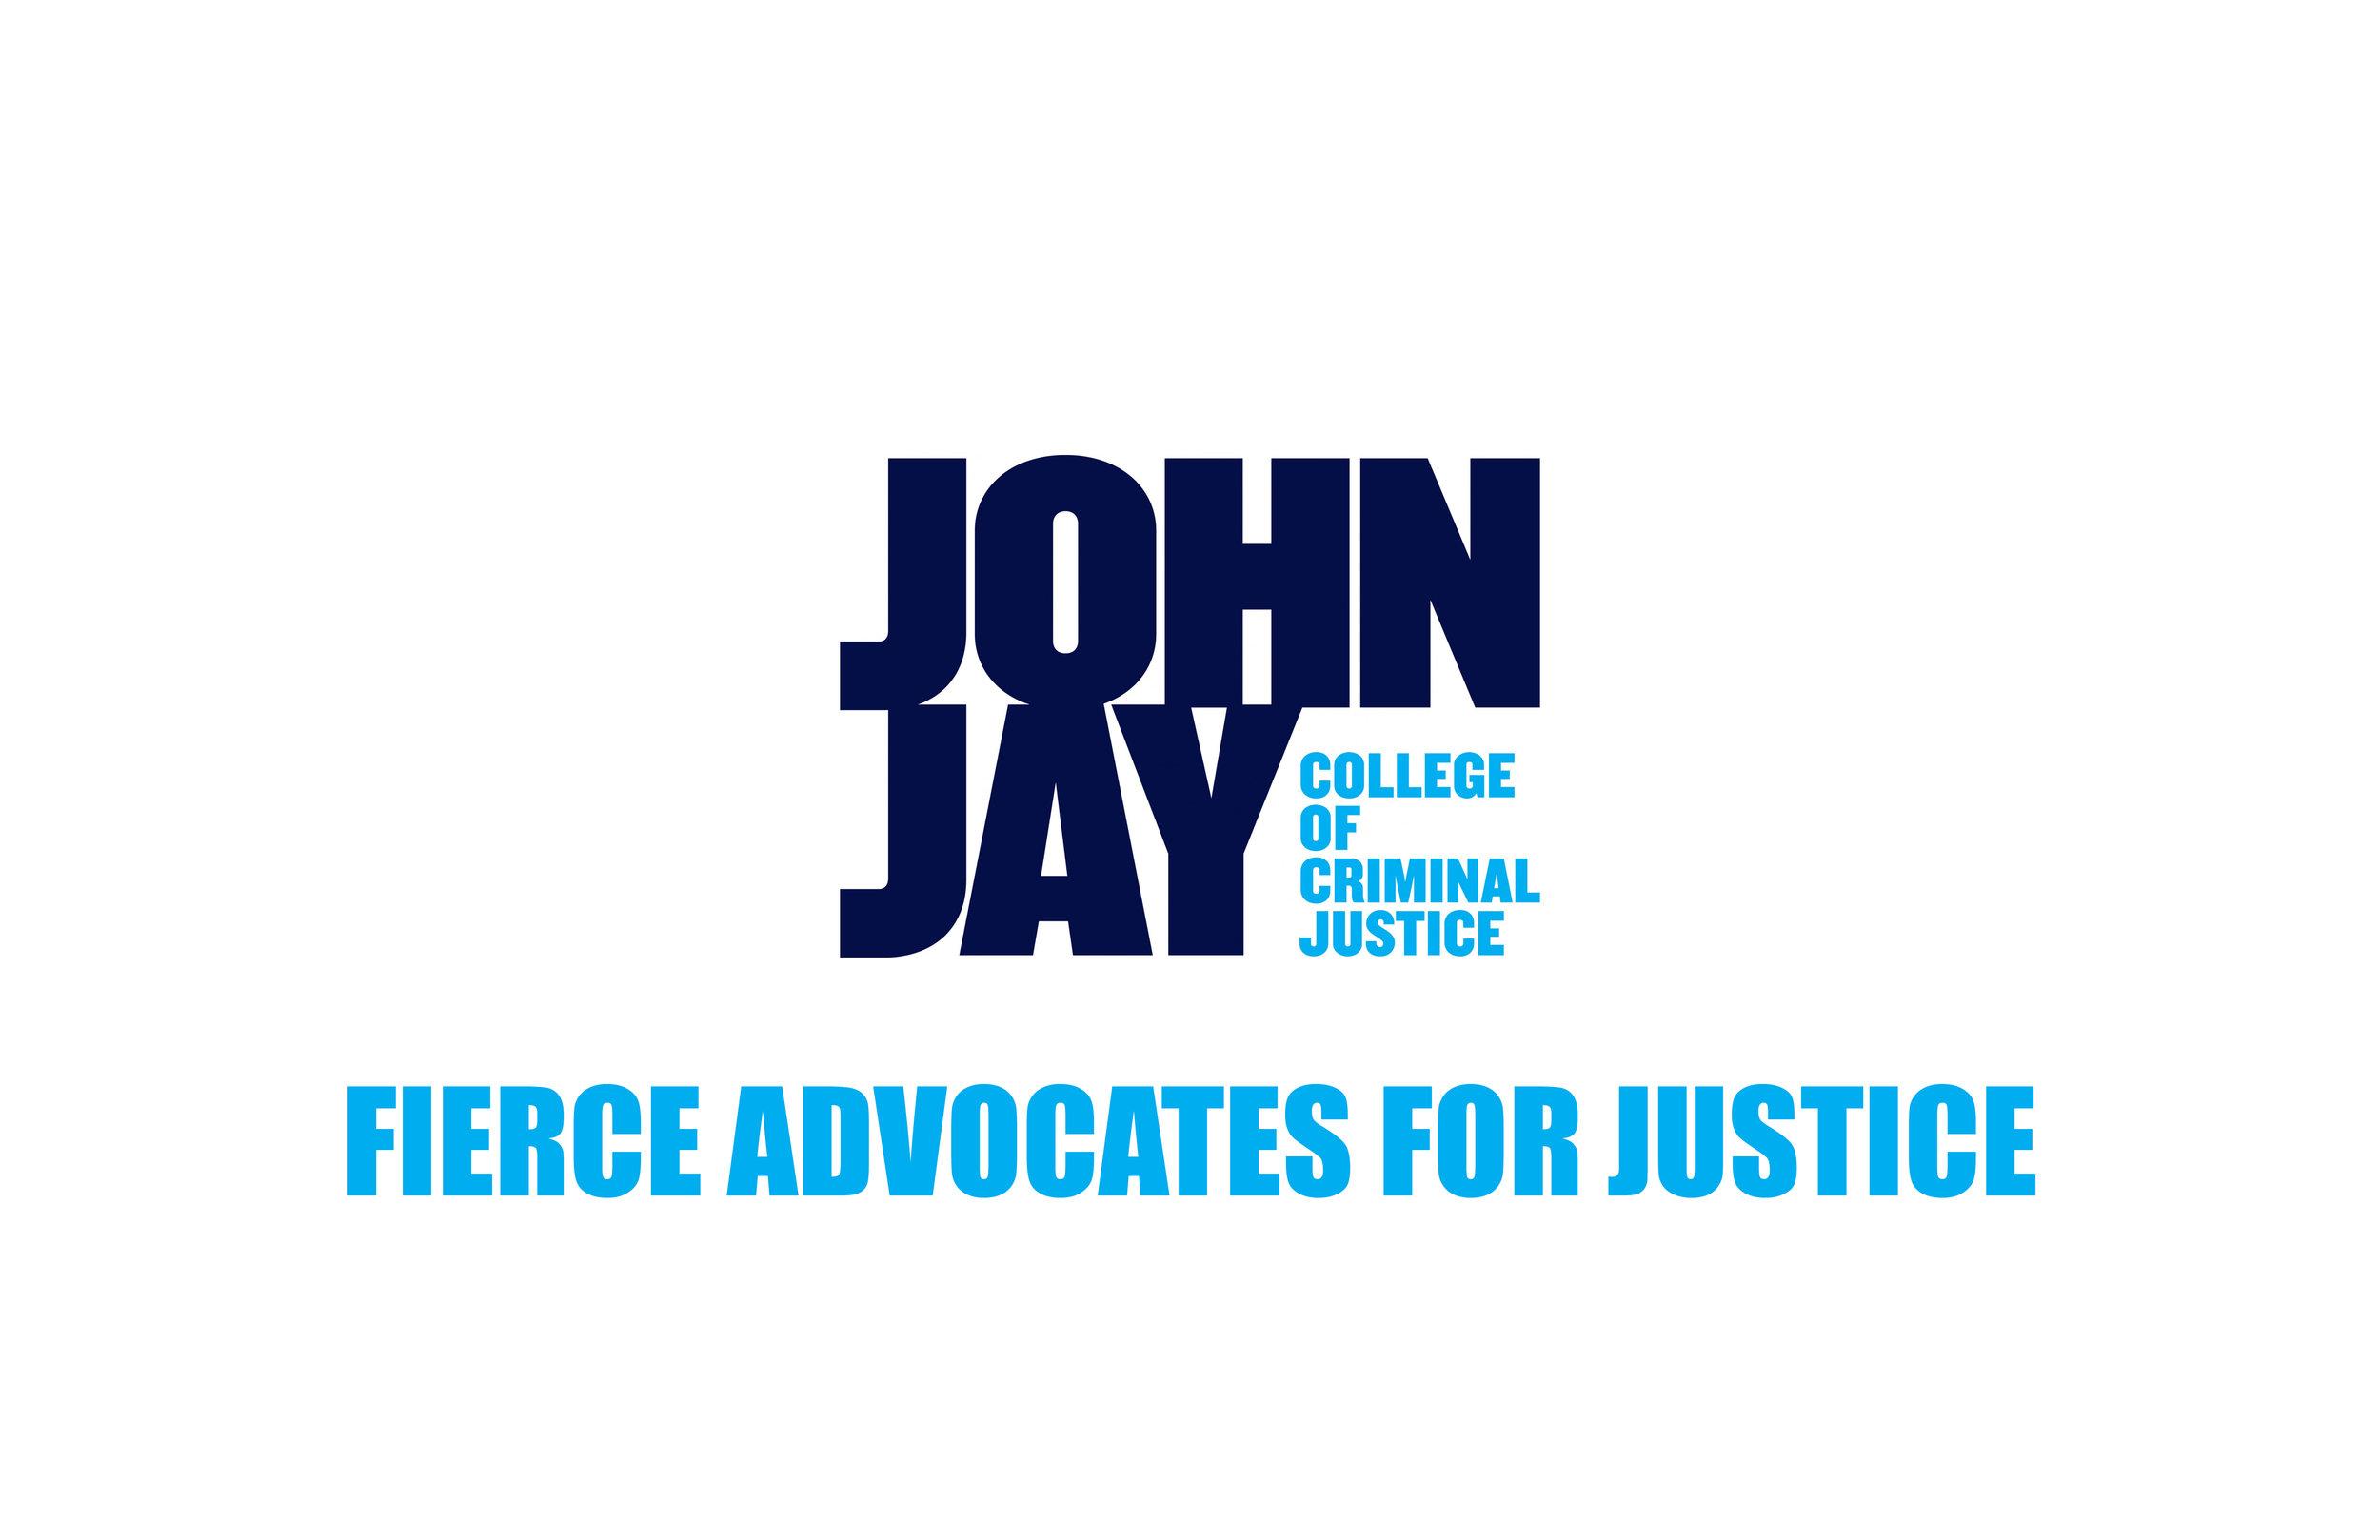 JohnJayFierce.jpg